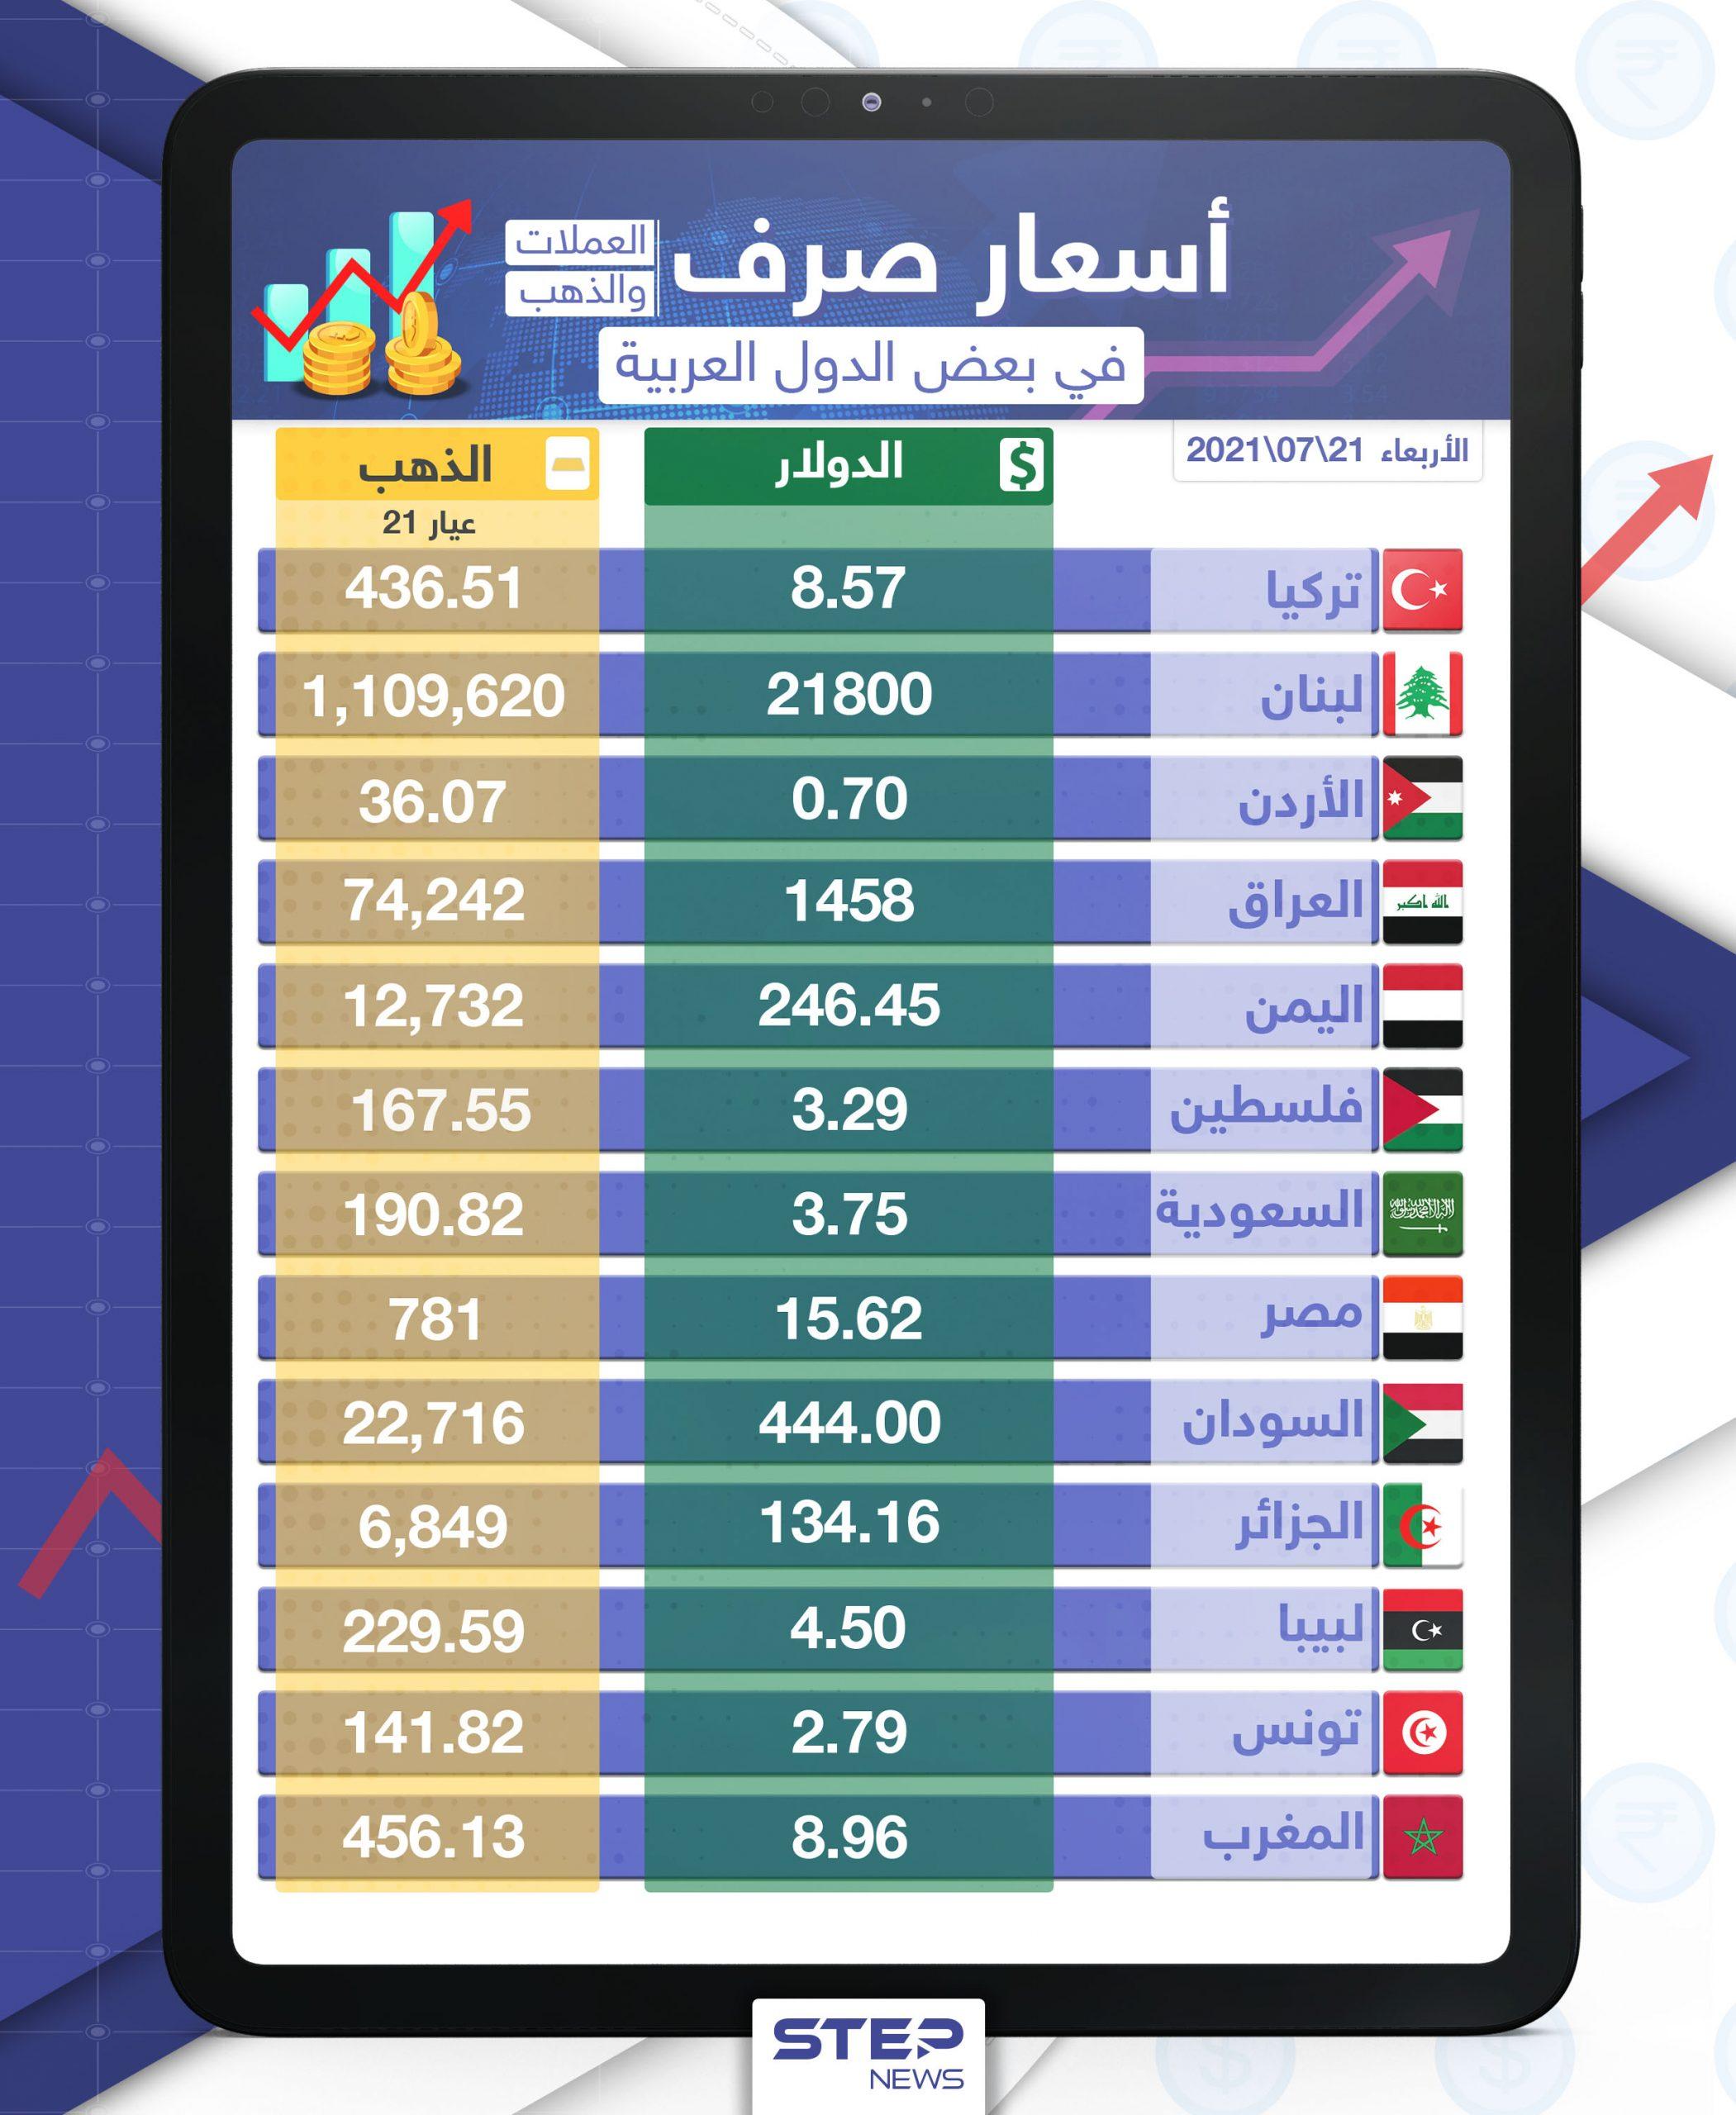 أسعار الذهب والعملات للدول العربية وتركيا اليوم الأربعاء الموافق 21 تموز 2021